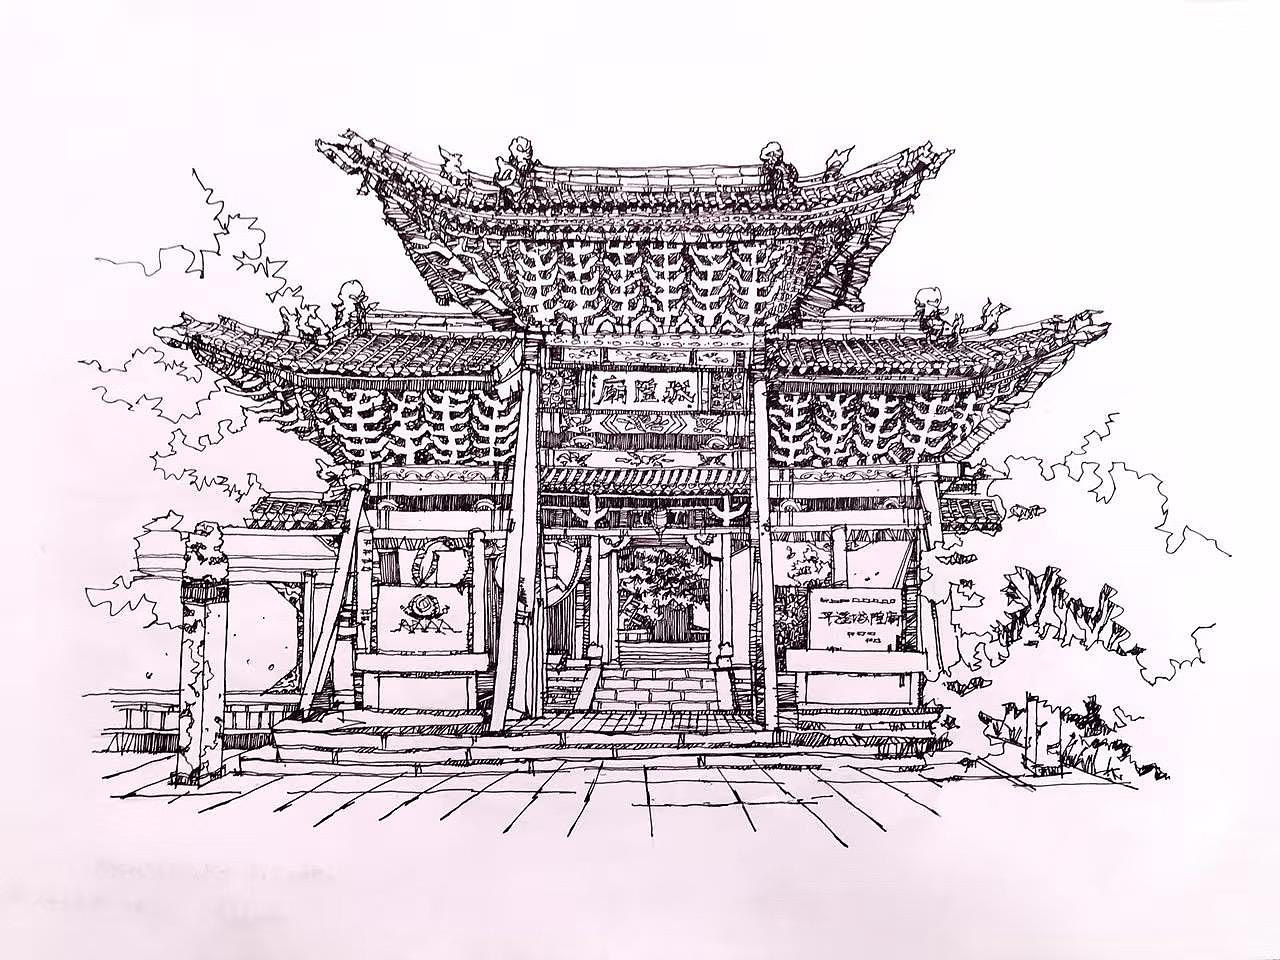 建筑 味道|纯艺术|钢笔画|昊天王 - 原创作品 - 站酷图片